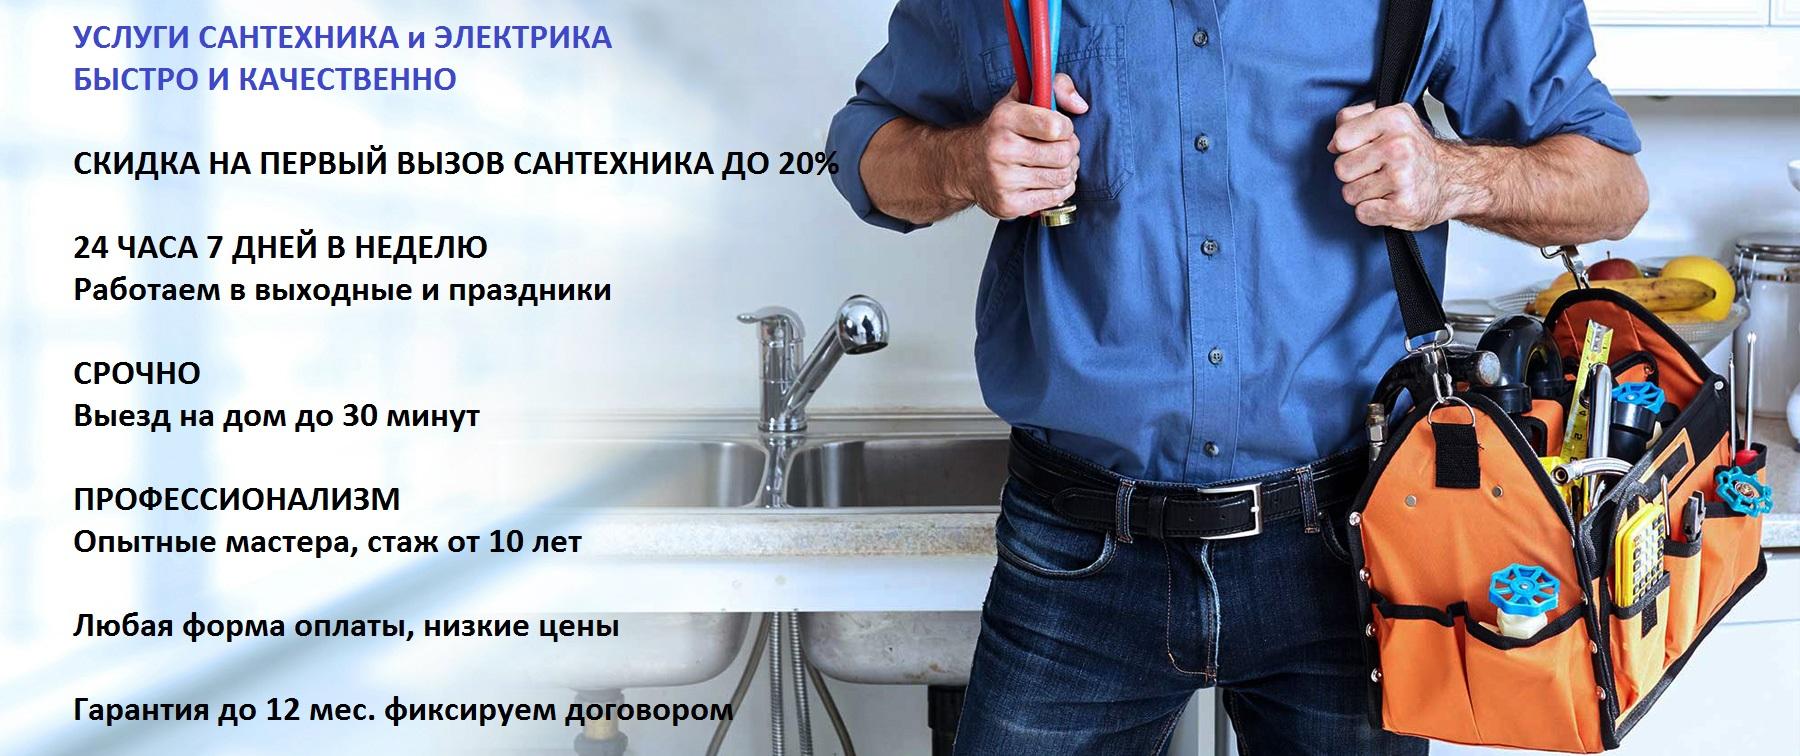 Сантехник 24 часа Ростов на Дону